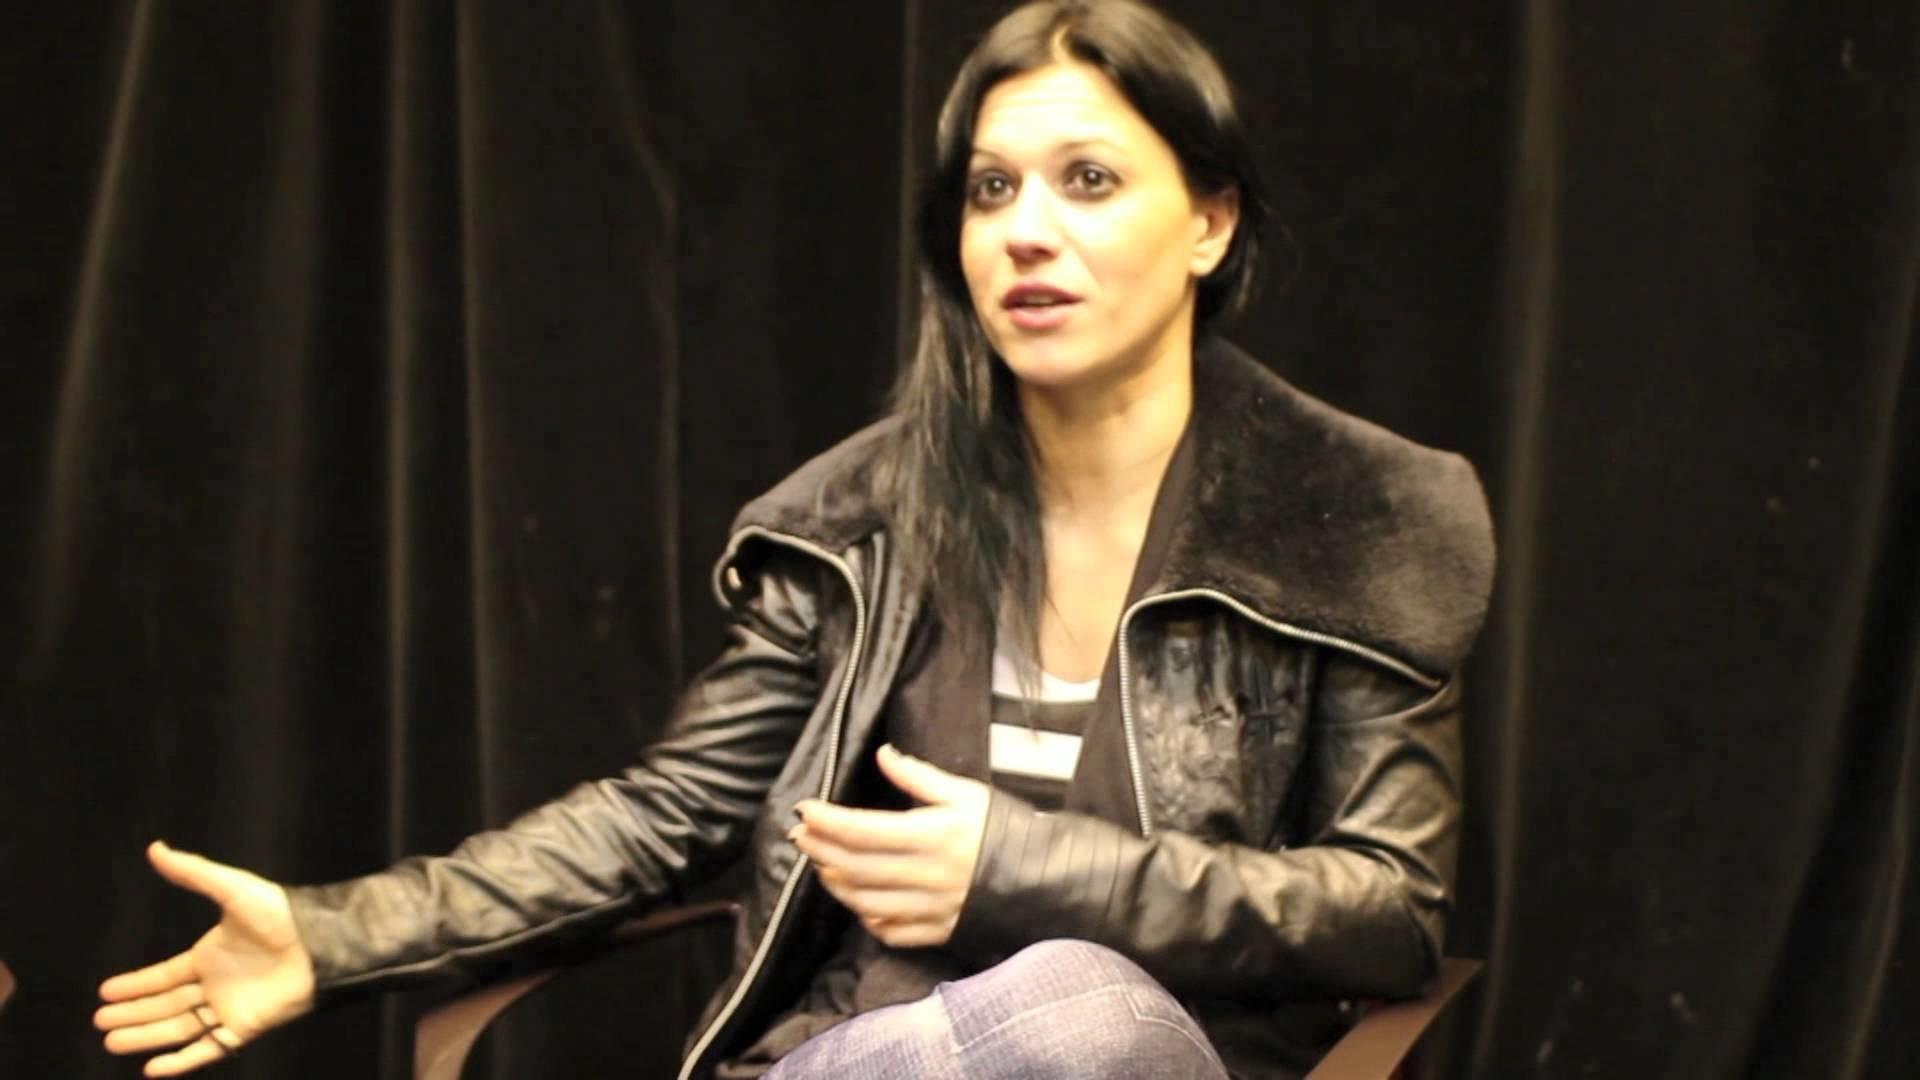 Res: 1920x1080, Lacuna Coil Interview - Cristina Scabbia Talks New Album and More - YouTube